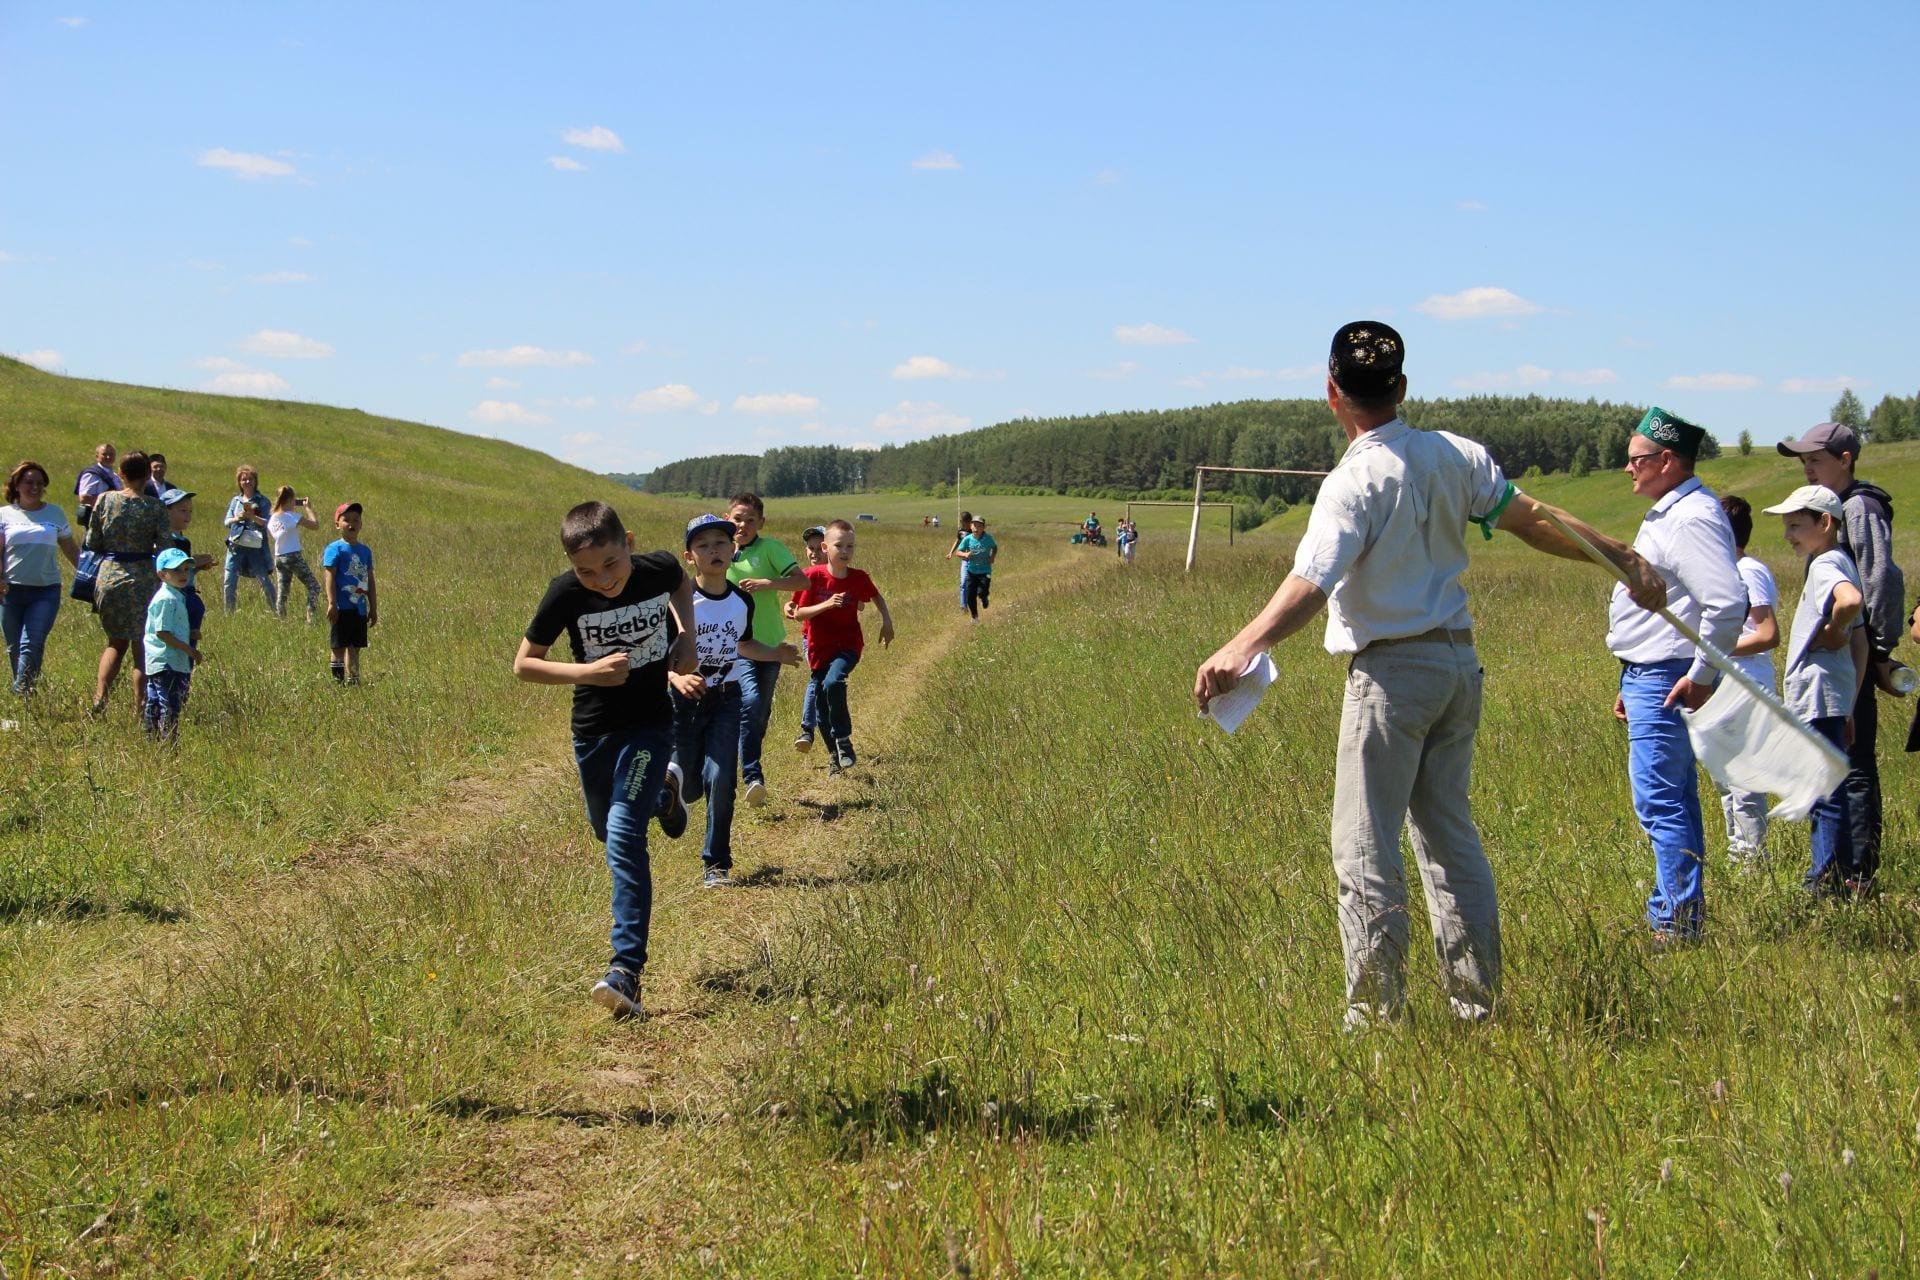 Фото с праздника Сабантуй, дети соревнуются в беге, пересекают финишную черту